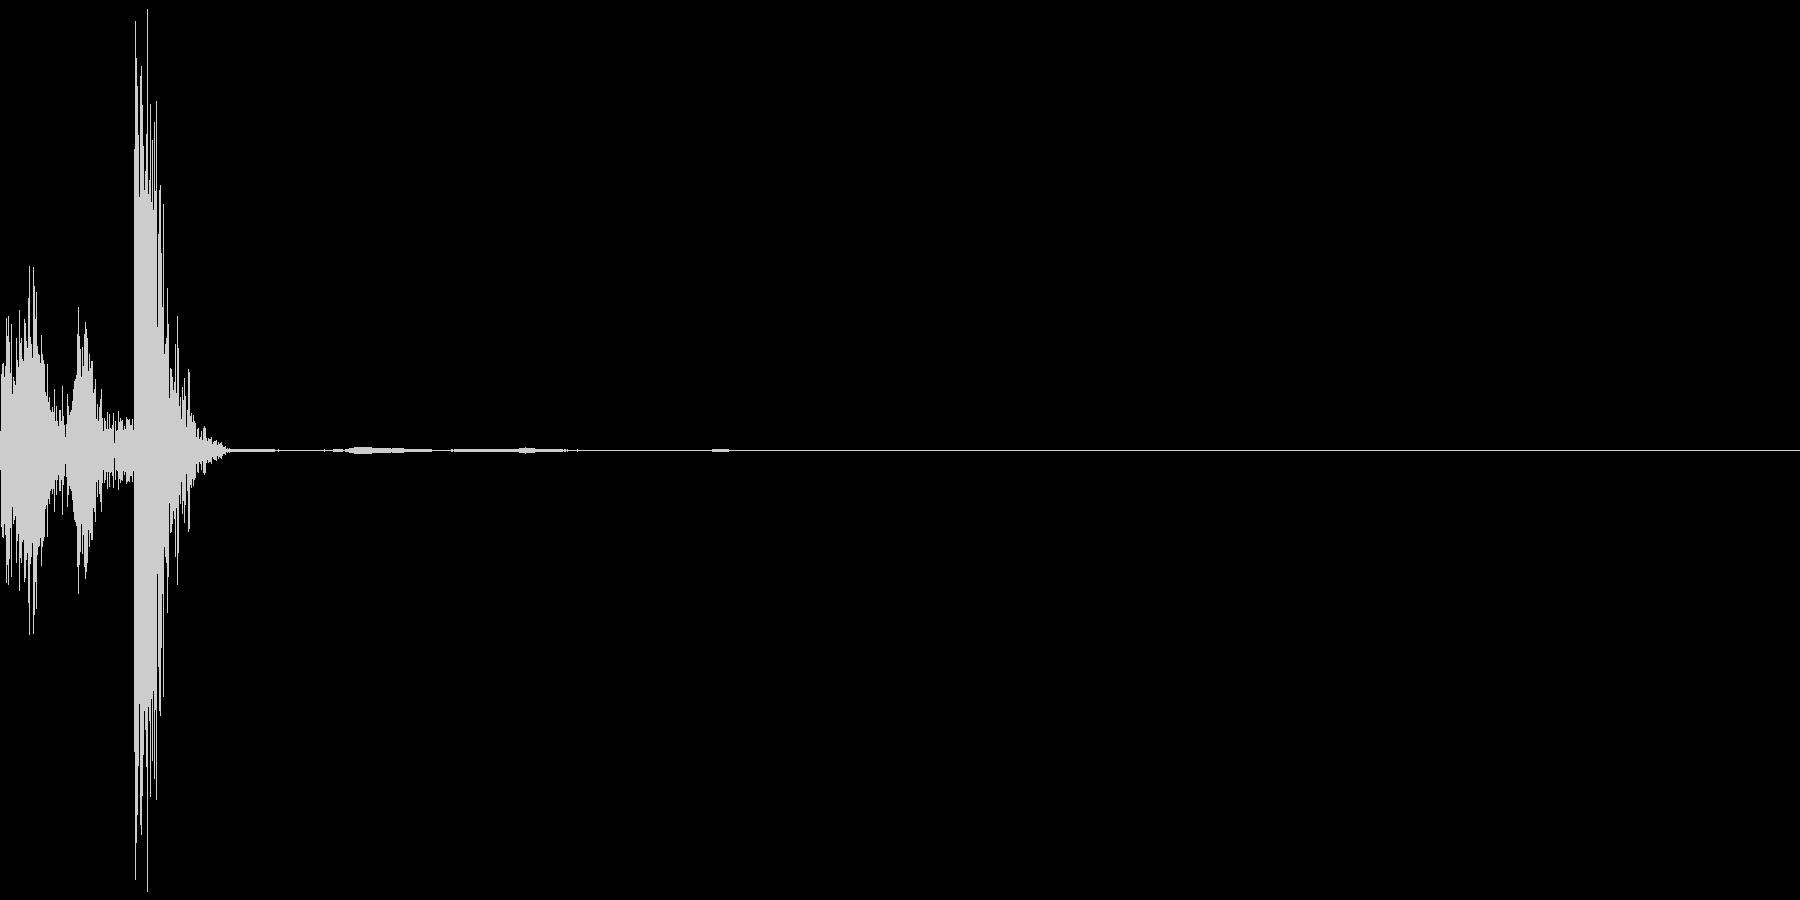 時計、タイマー、ストップウォッチ_B_4の未再生の波形